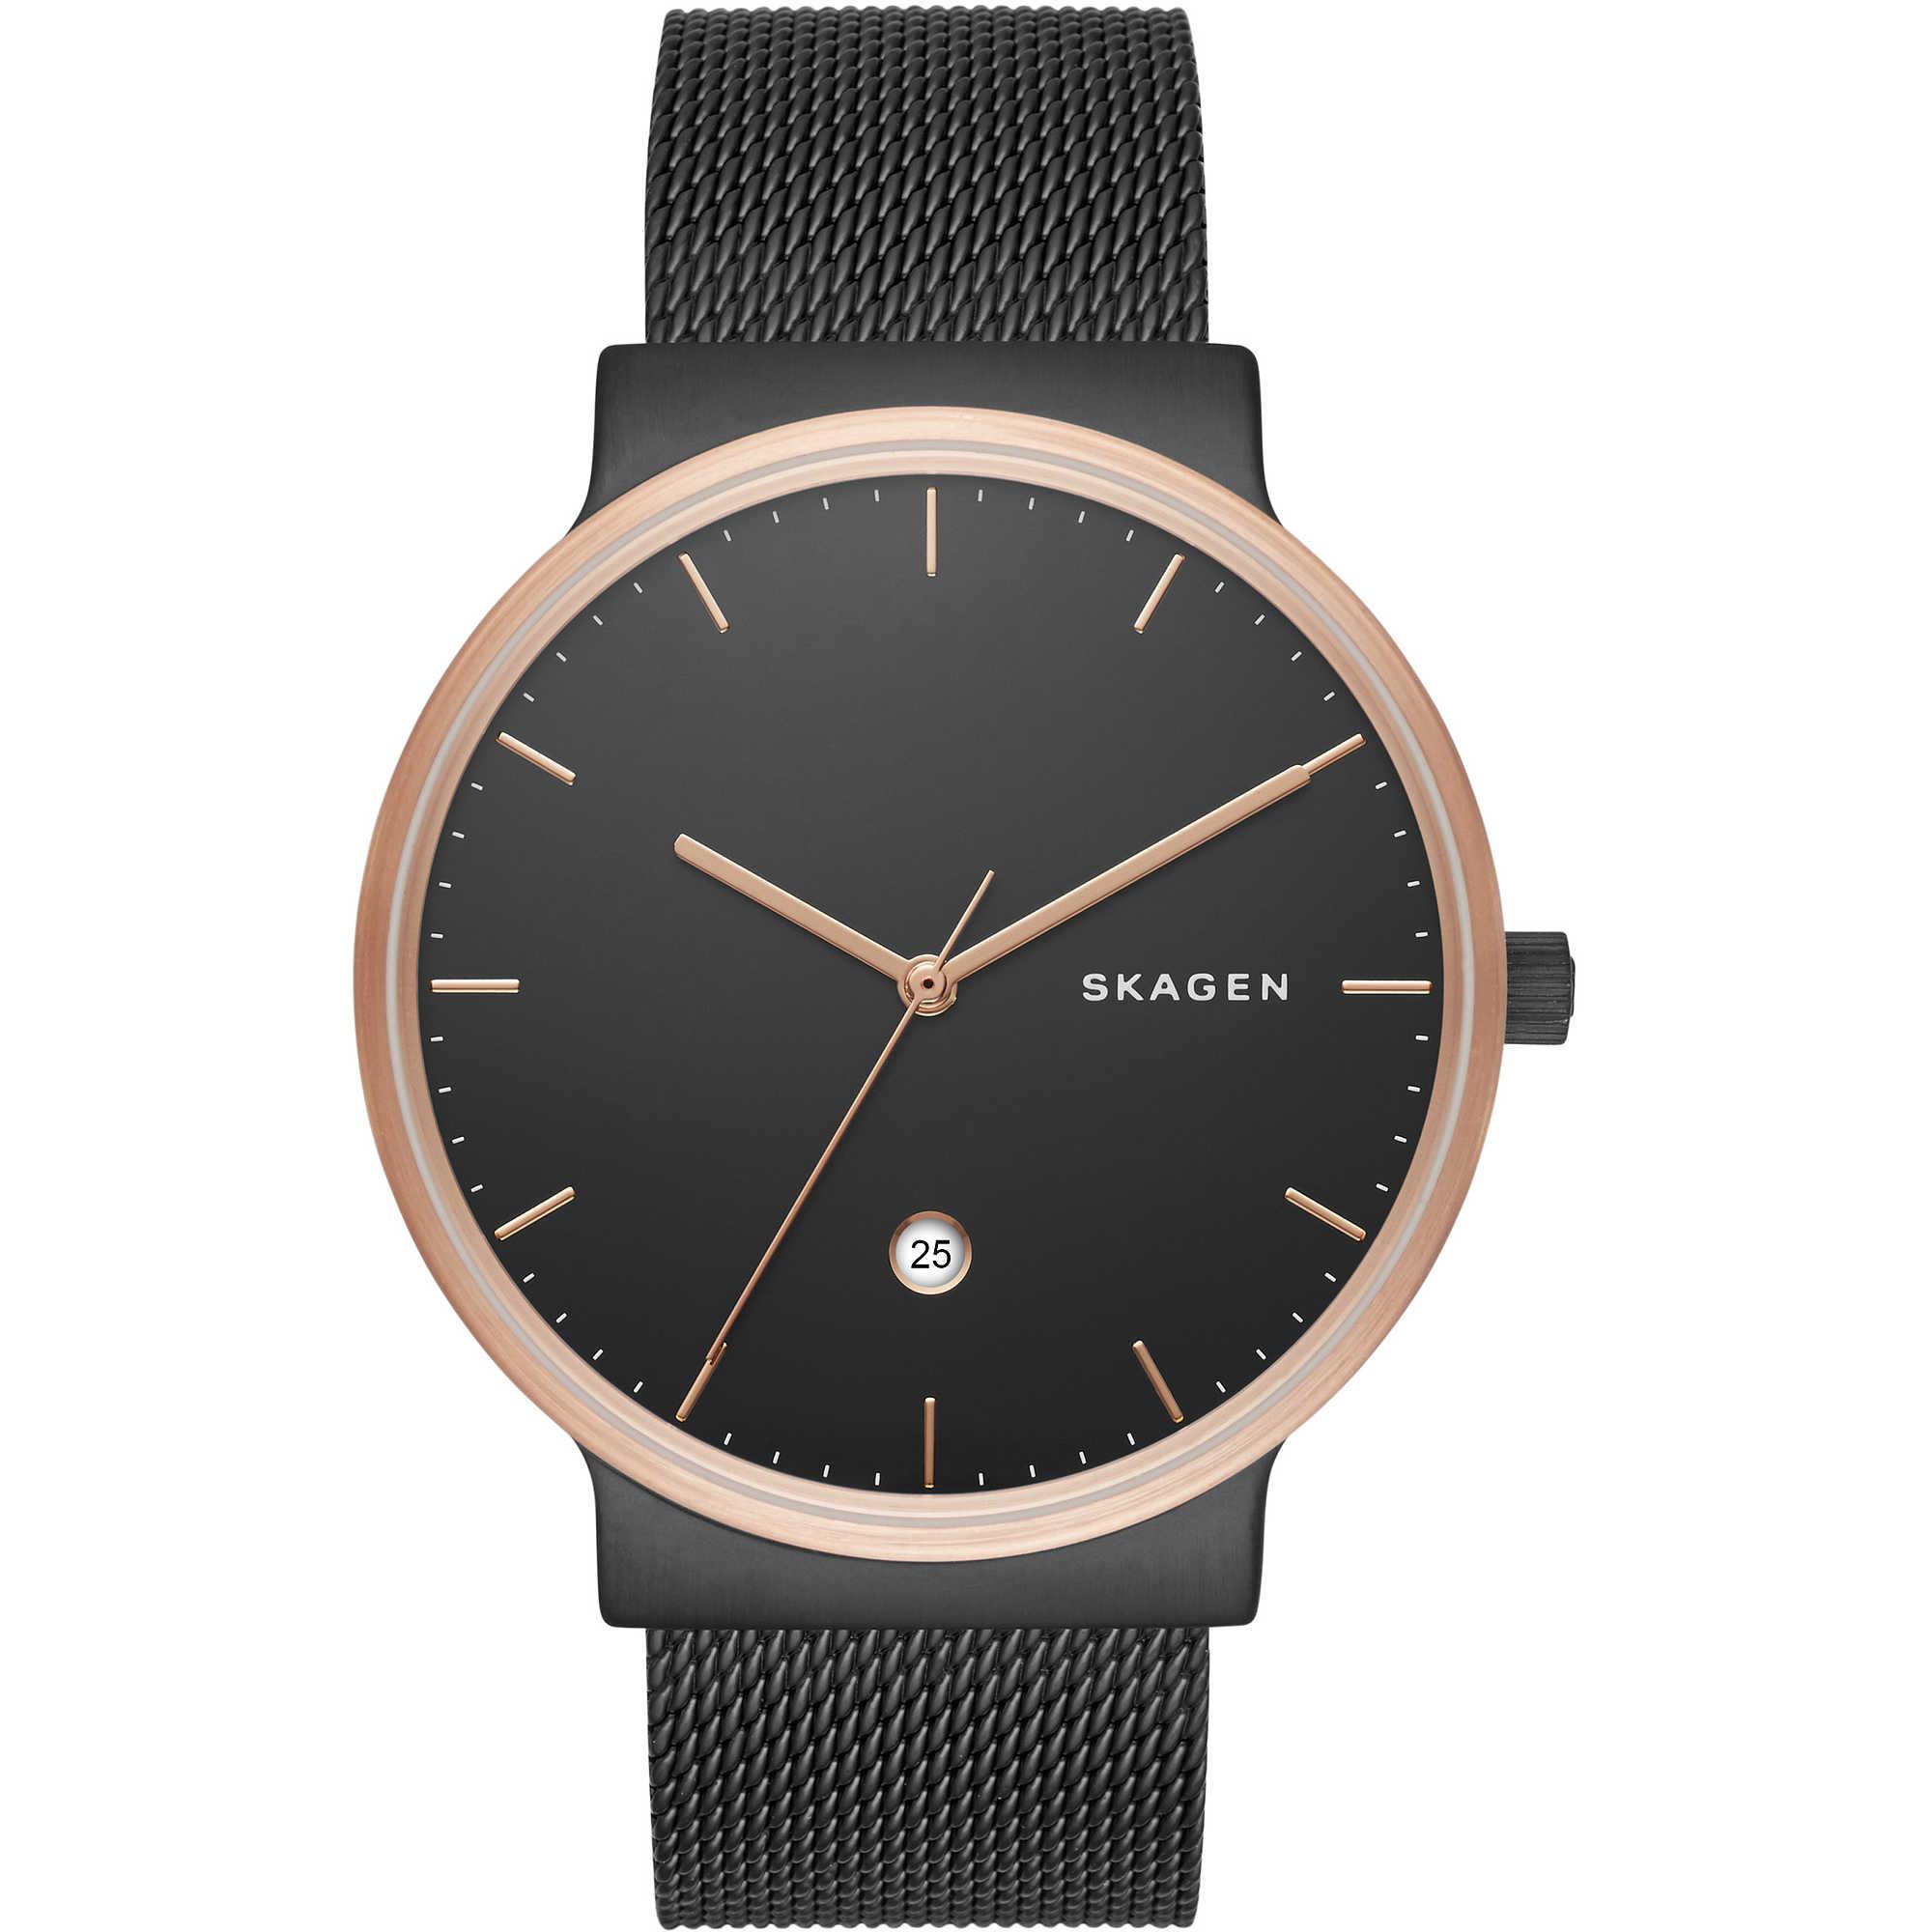 nuovo stile 6ce72 a5d5c orologio solo tempo uomo Skagen SKW6296